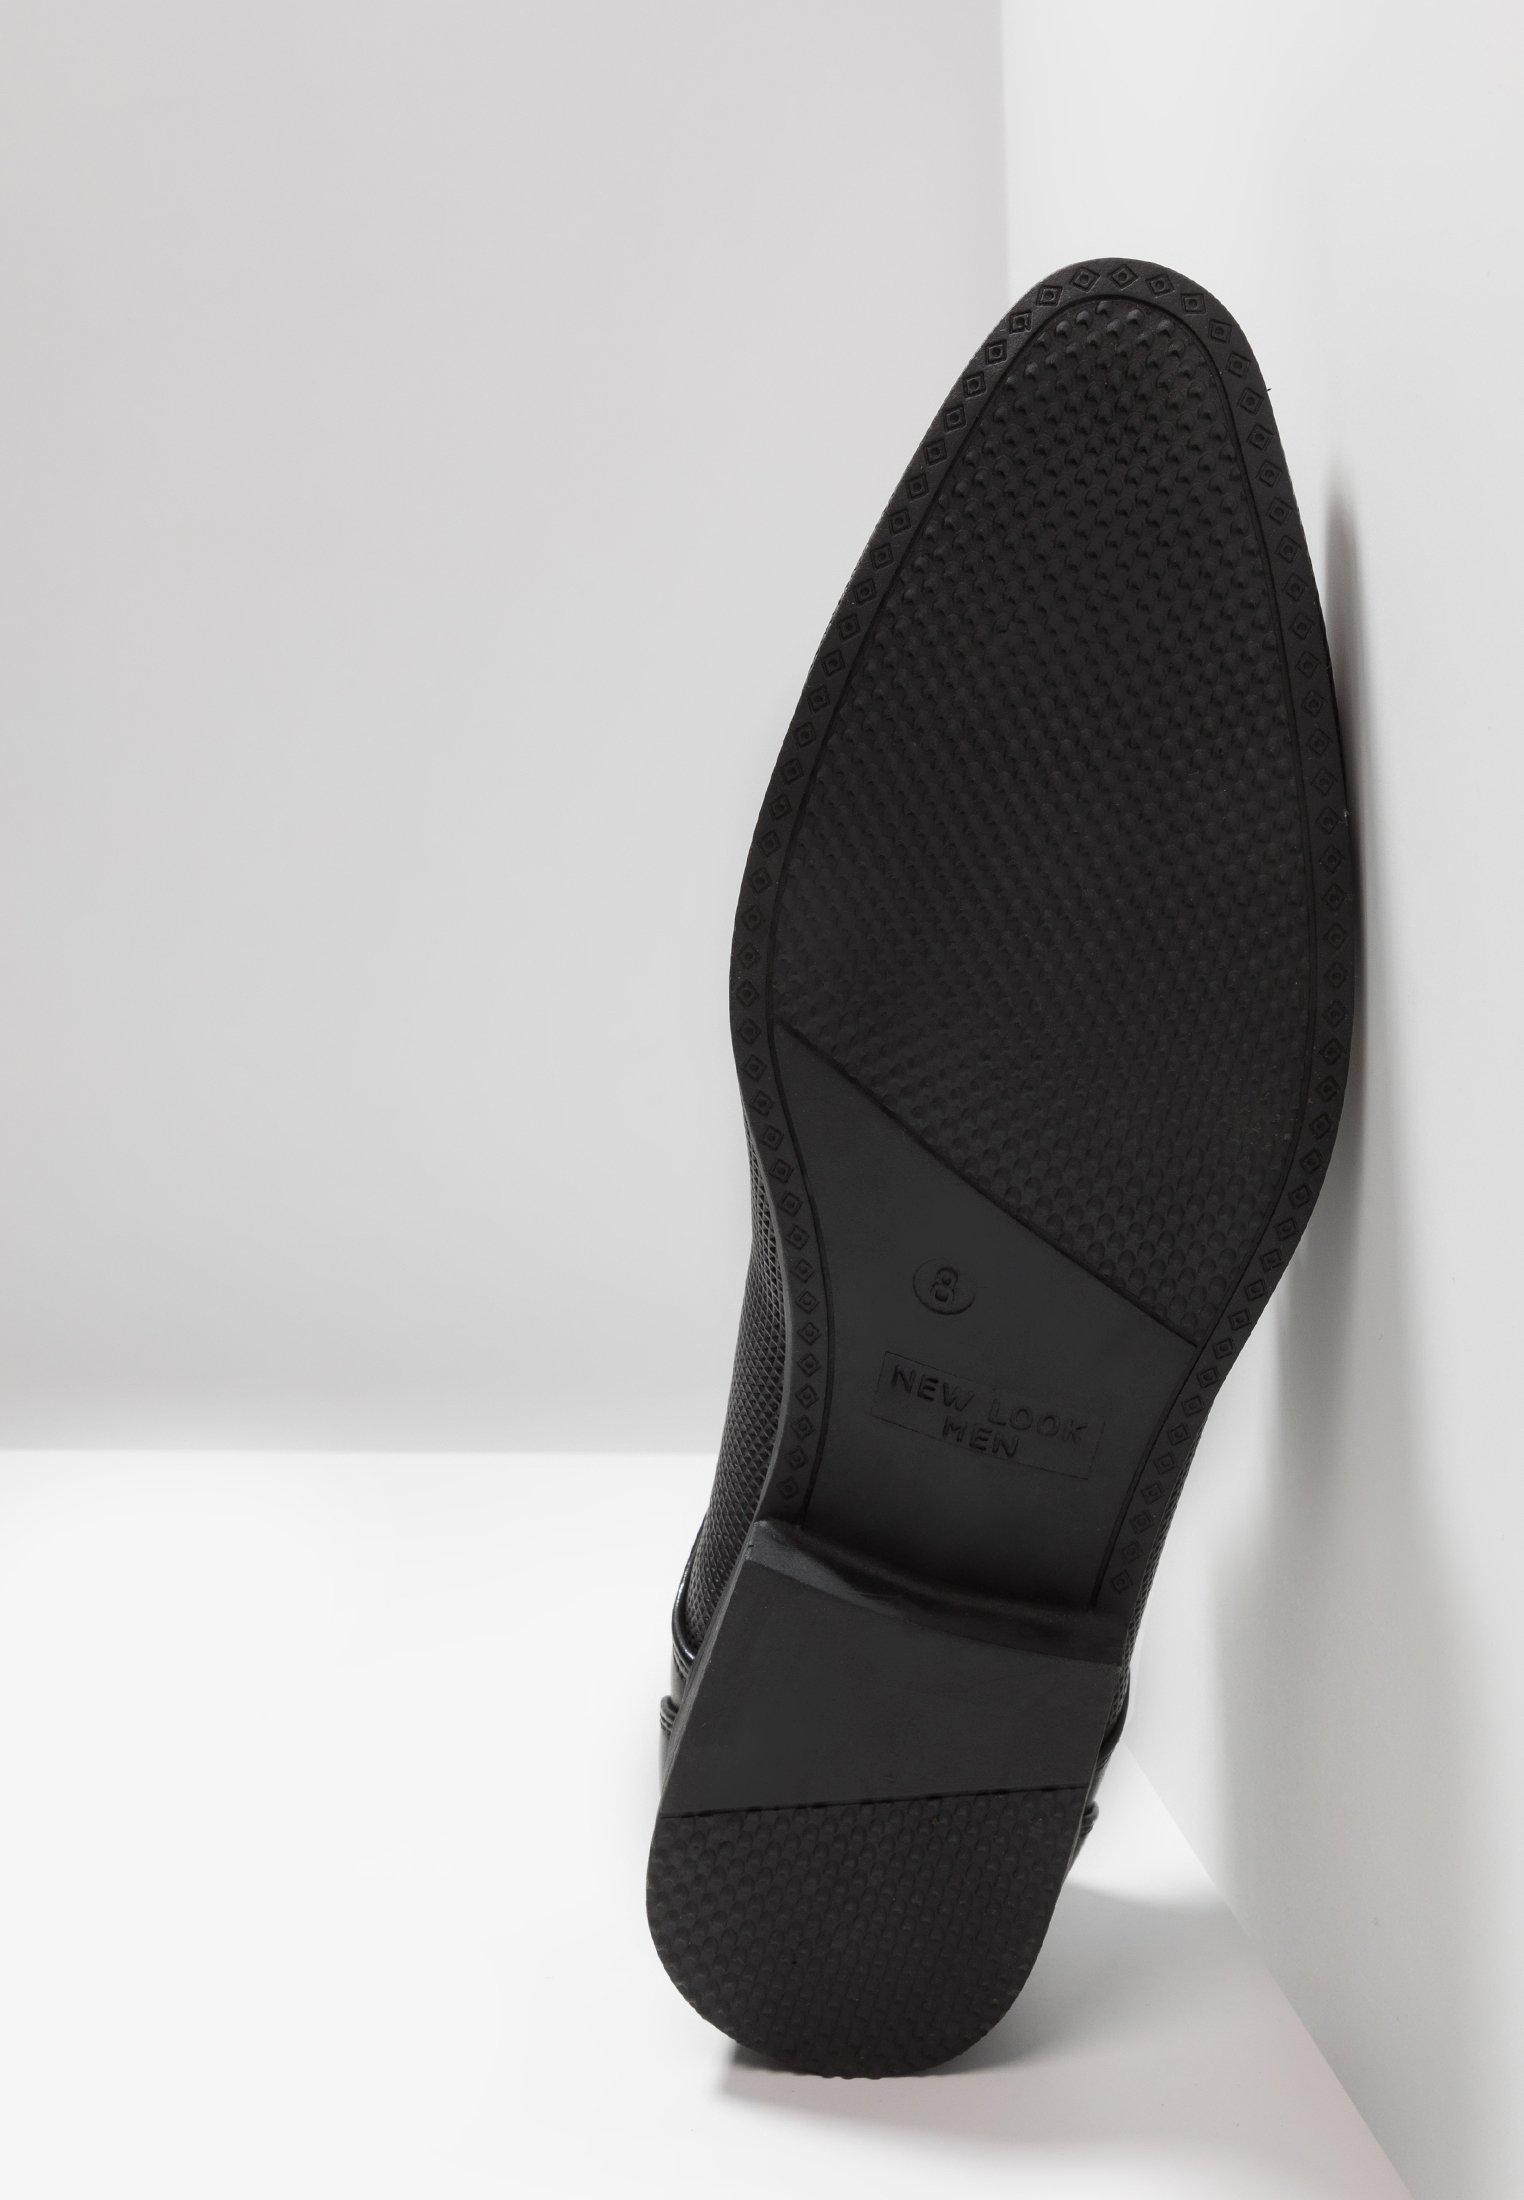 Look FormalDerbiesamp; Perf Black Richelieus New b76yYfg